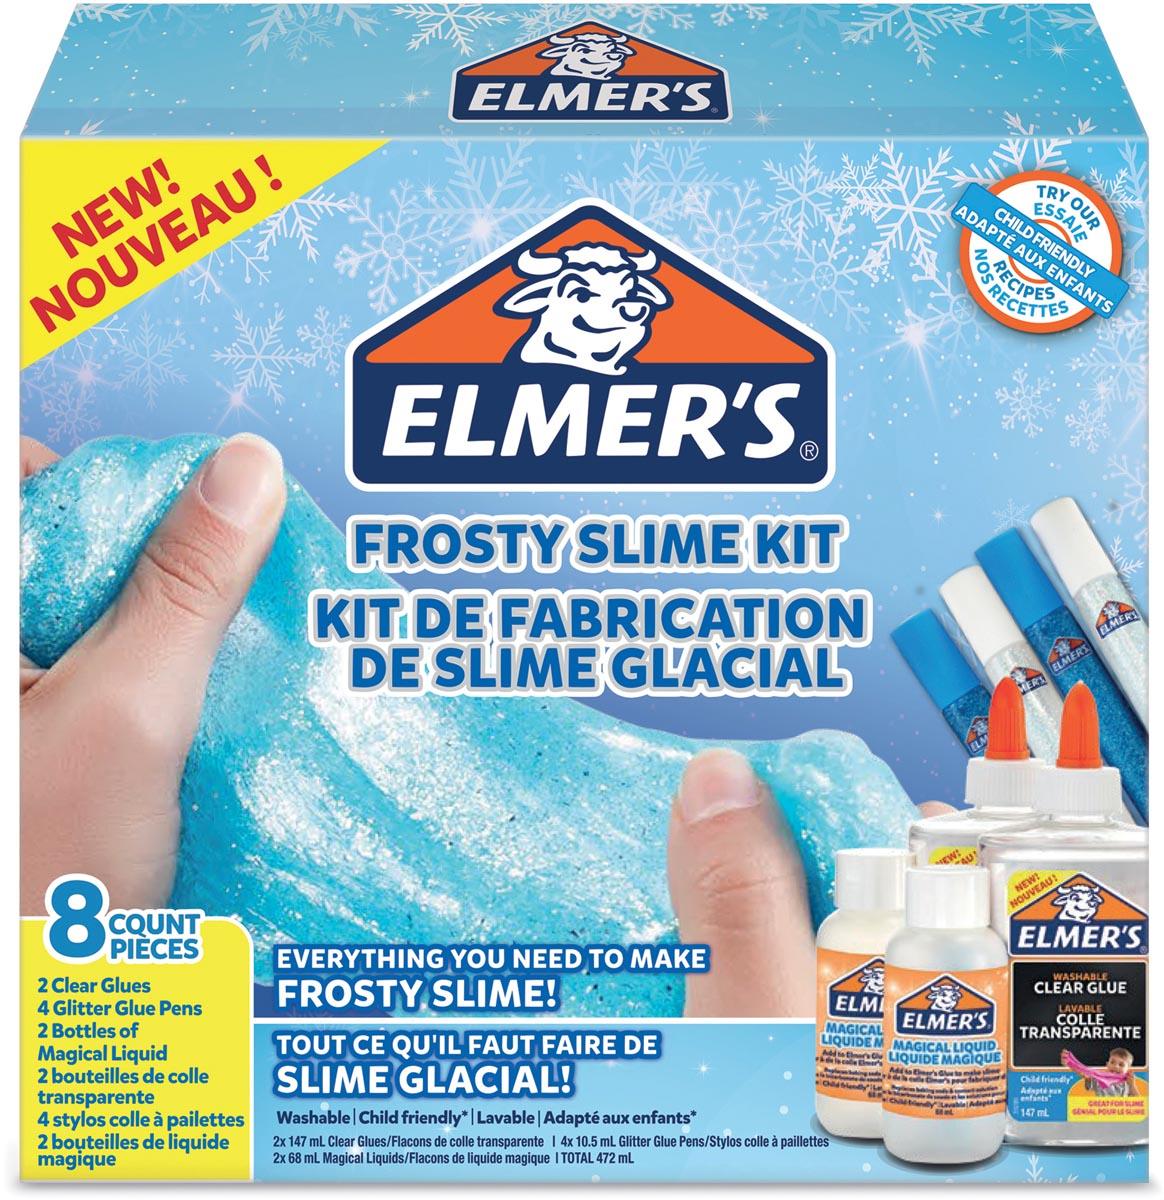 Elmer's slijmkit Frosty